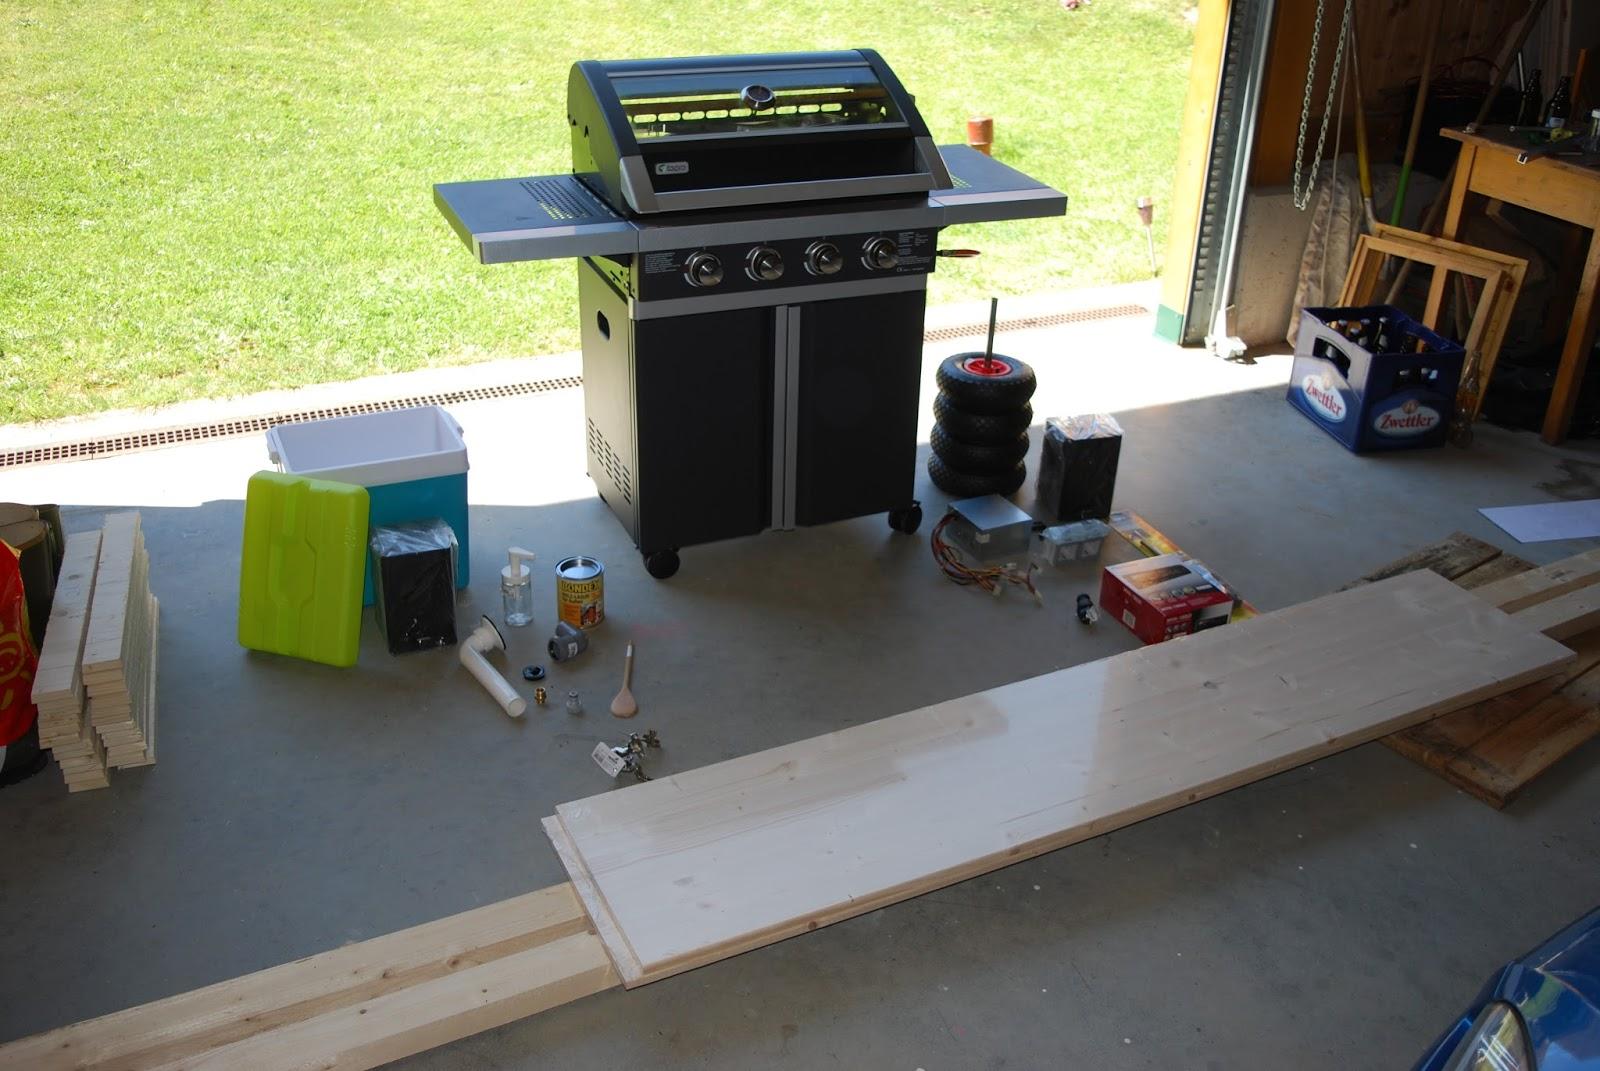 Außenküche Selber Bauen Unterkonstruktion : Eigenbau outdoor küche elber bauen schick outdoor küche naturst